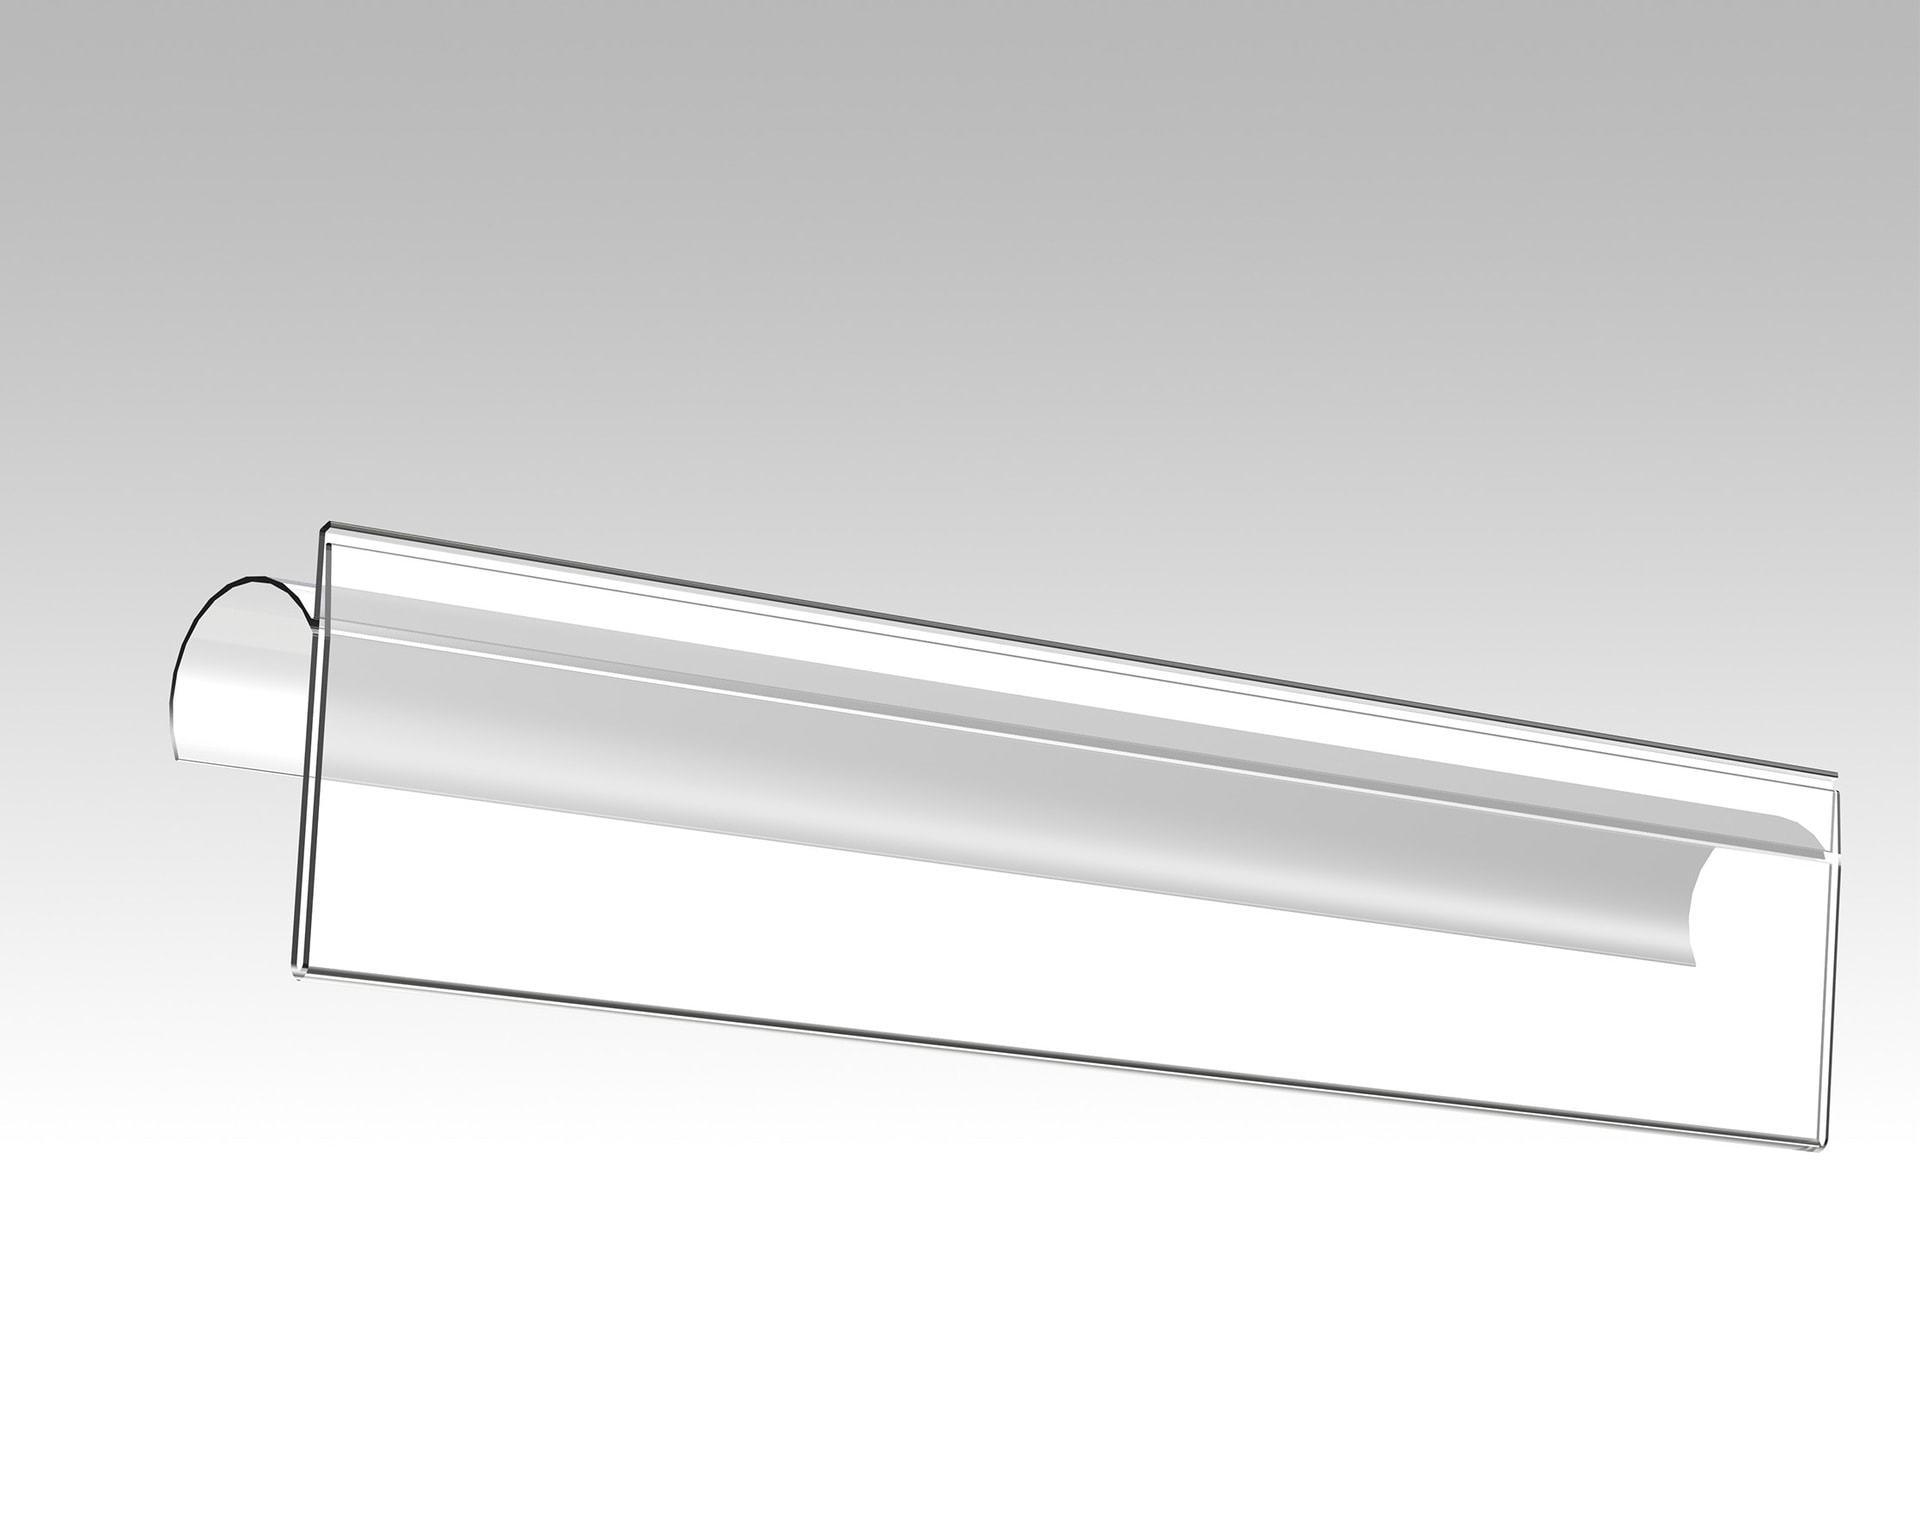 PEK3 Easytube Plastic Accessories NP 250